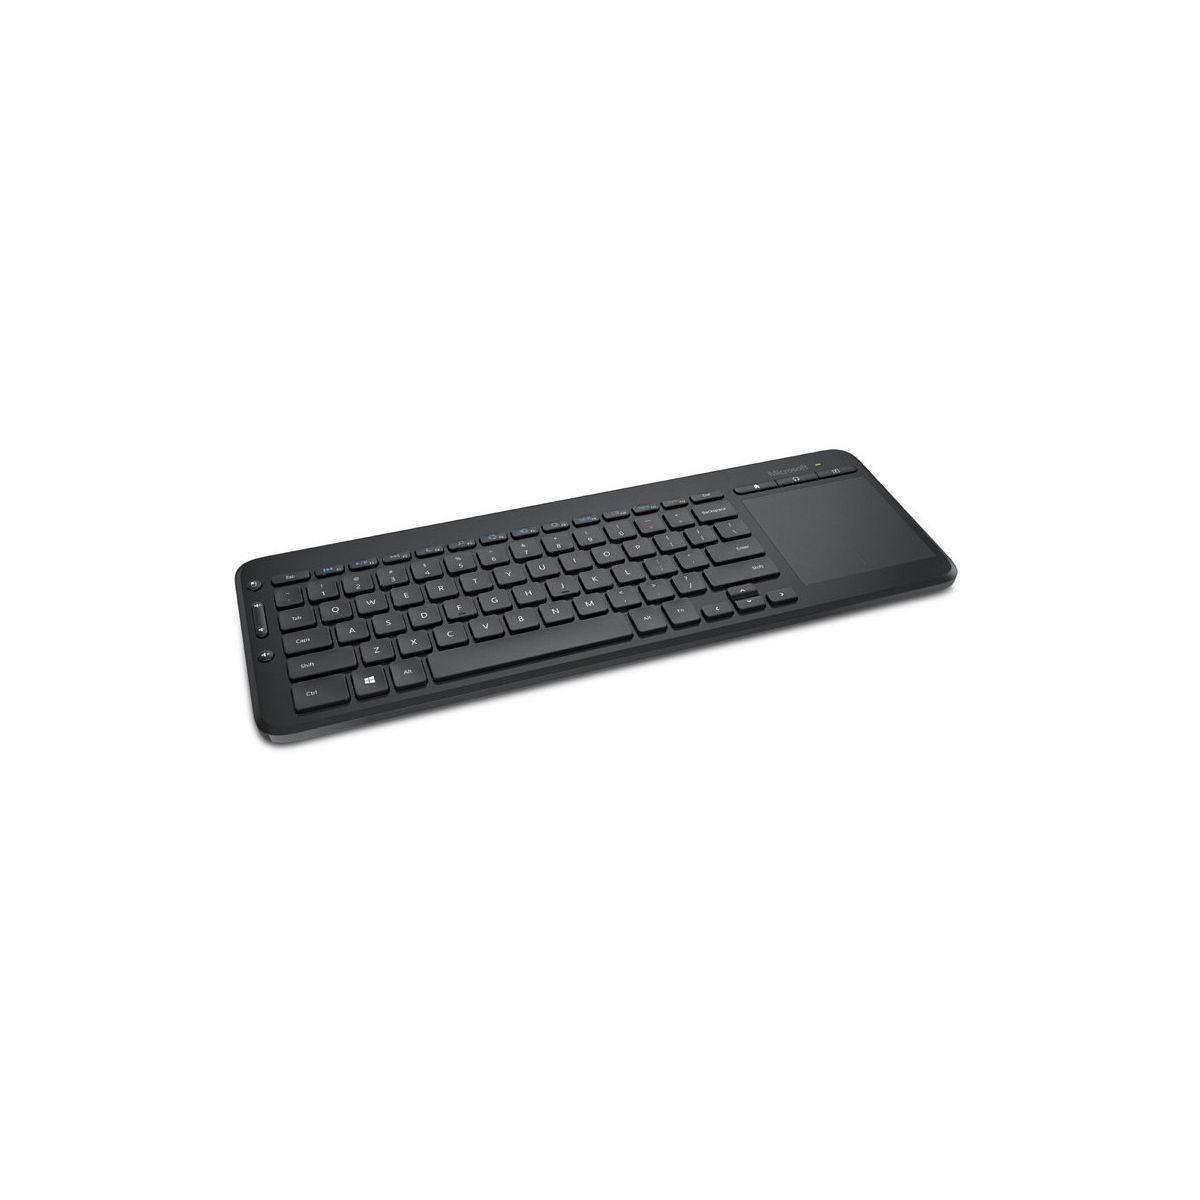 Clavier microsoft all in one media keyboard universel - livraison offerte avec le code mroffert